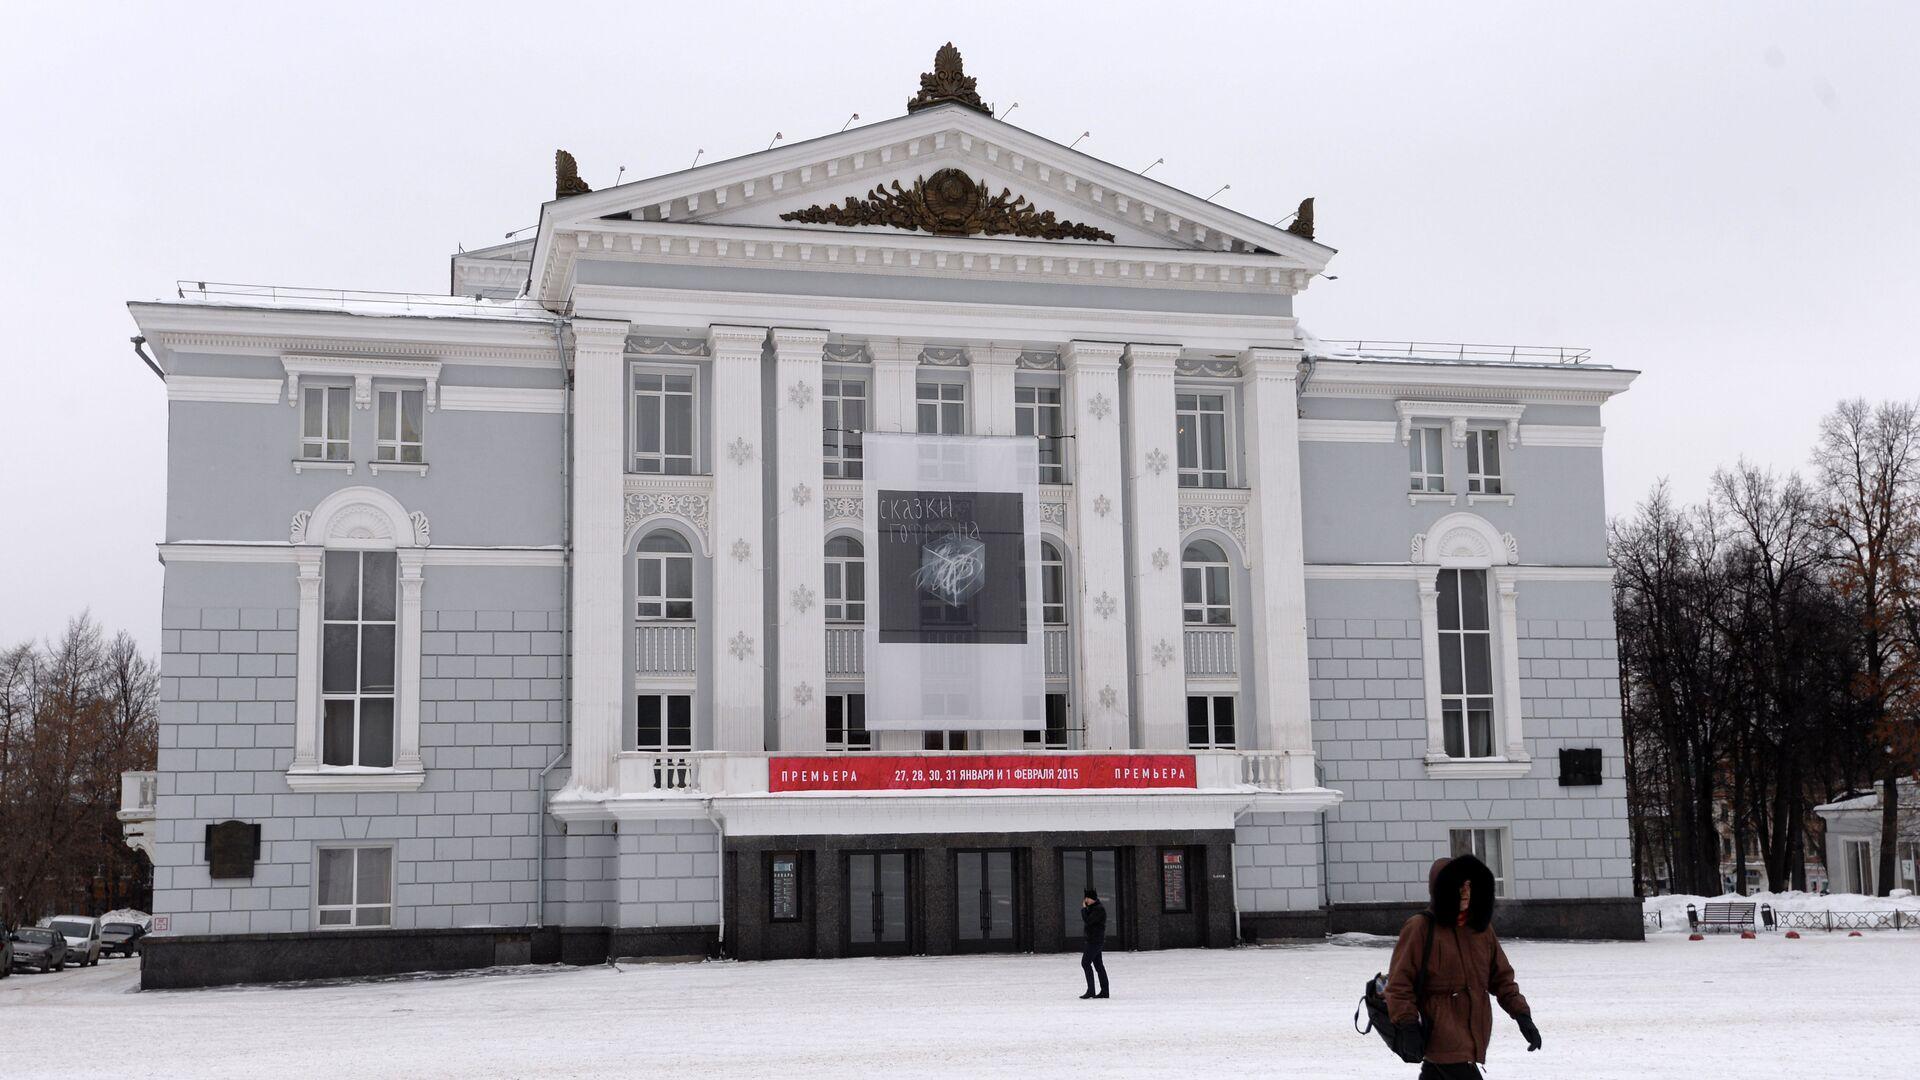 Пермский академический театр оперы и балета имени Чайковского - РИА Новости, 1920, 29.03.2021